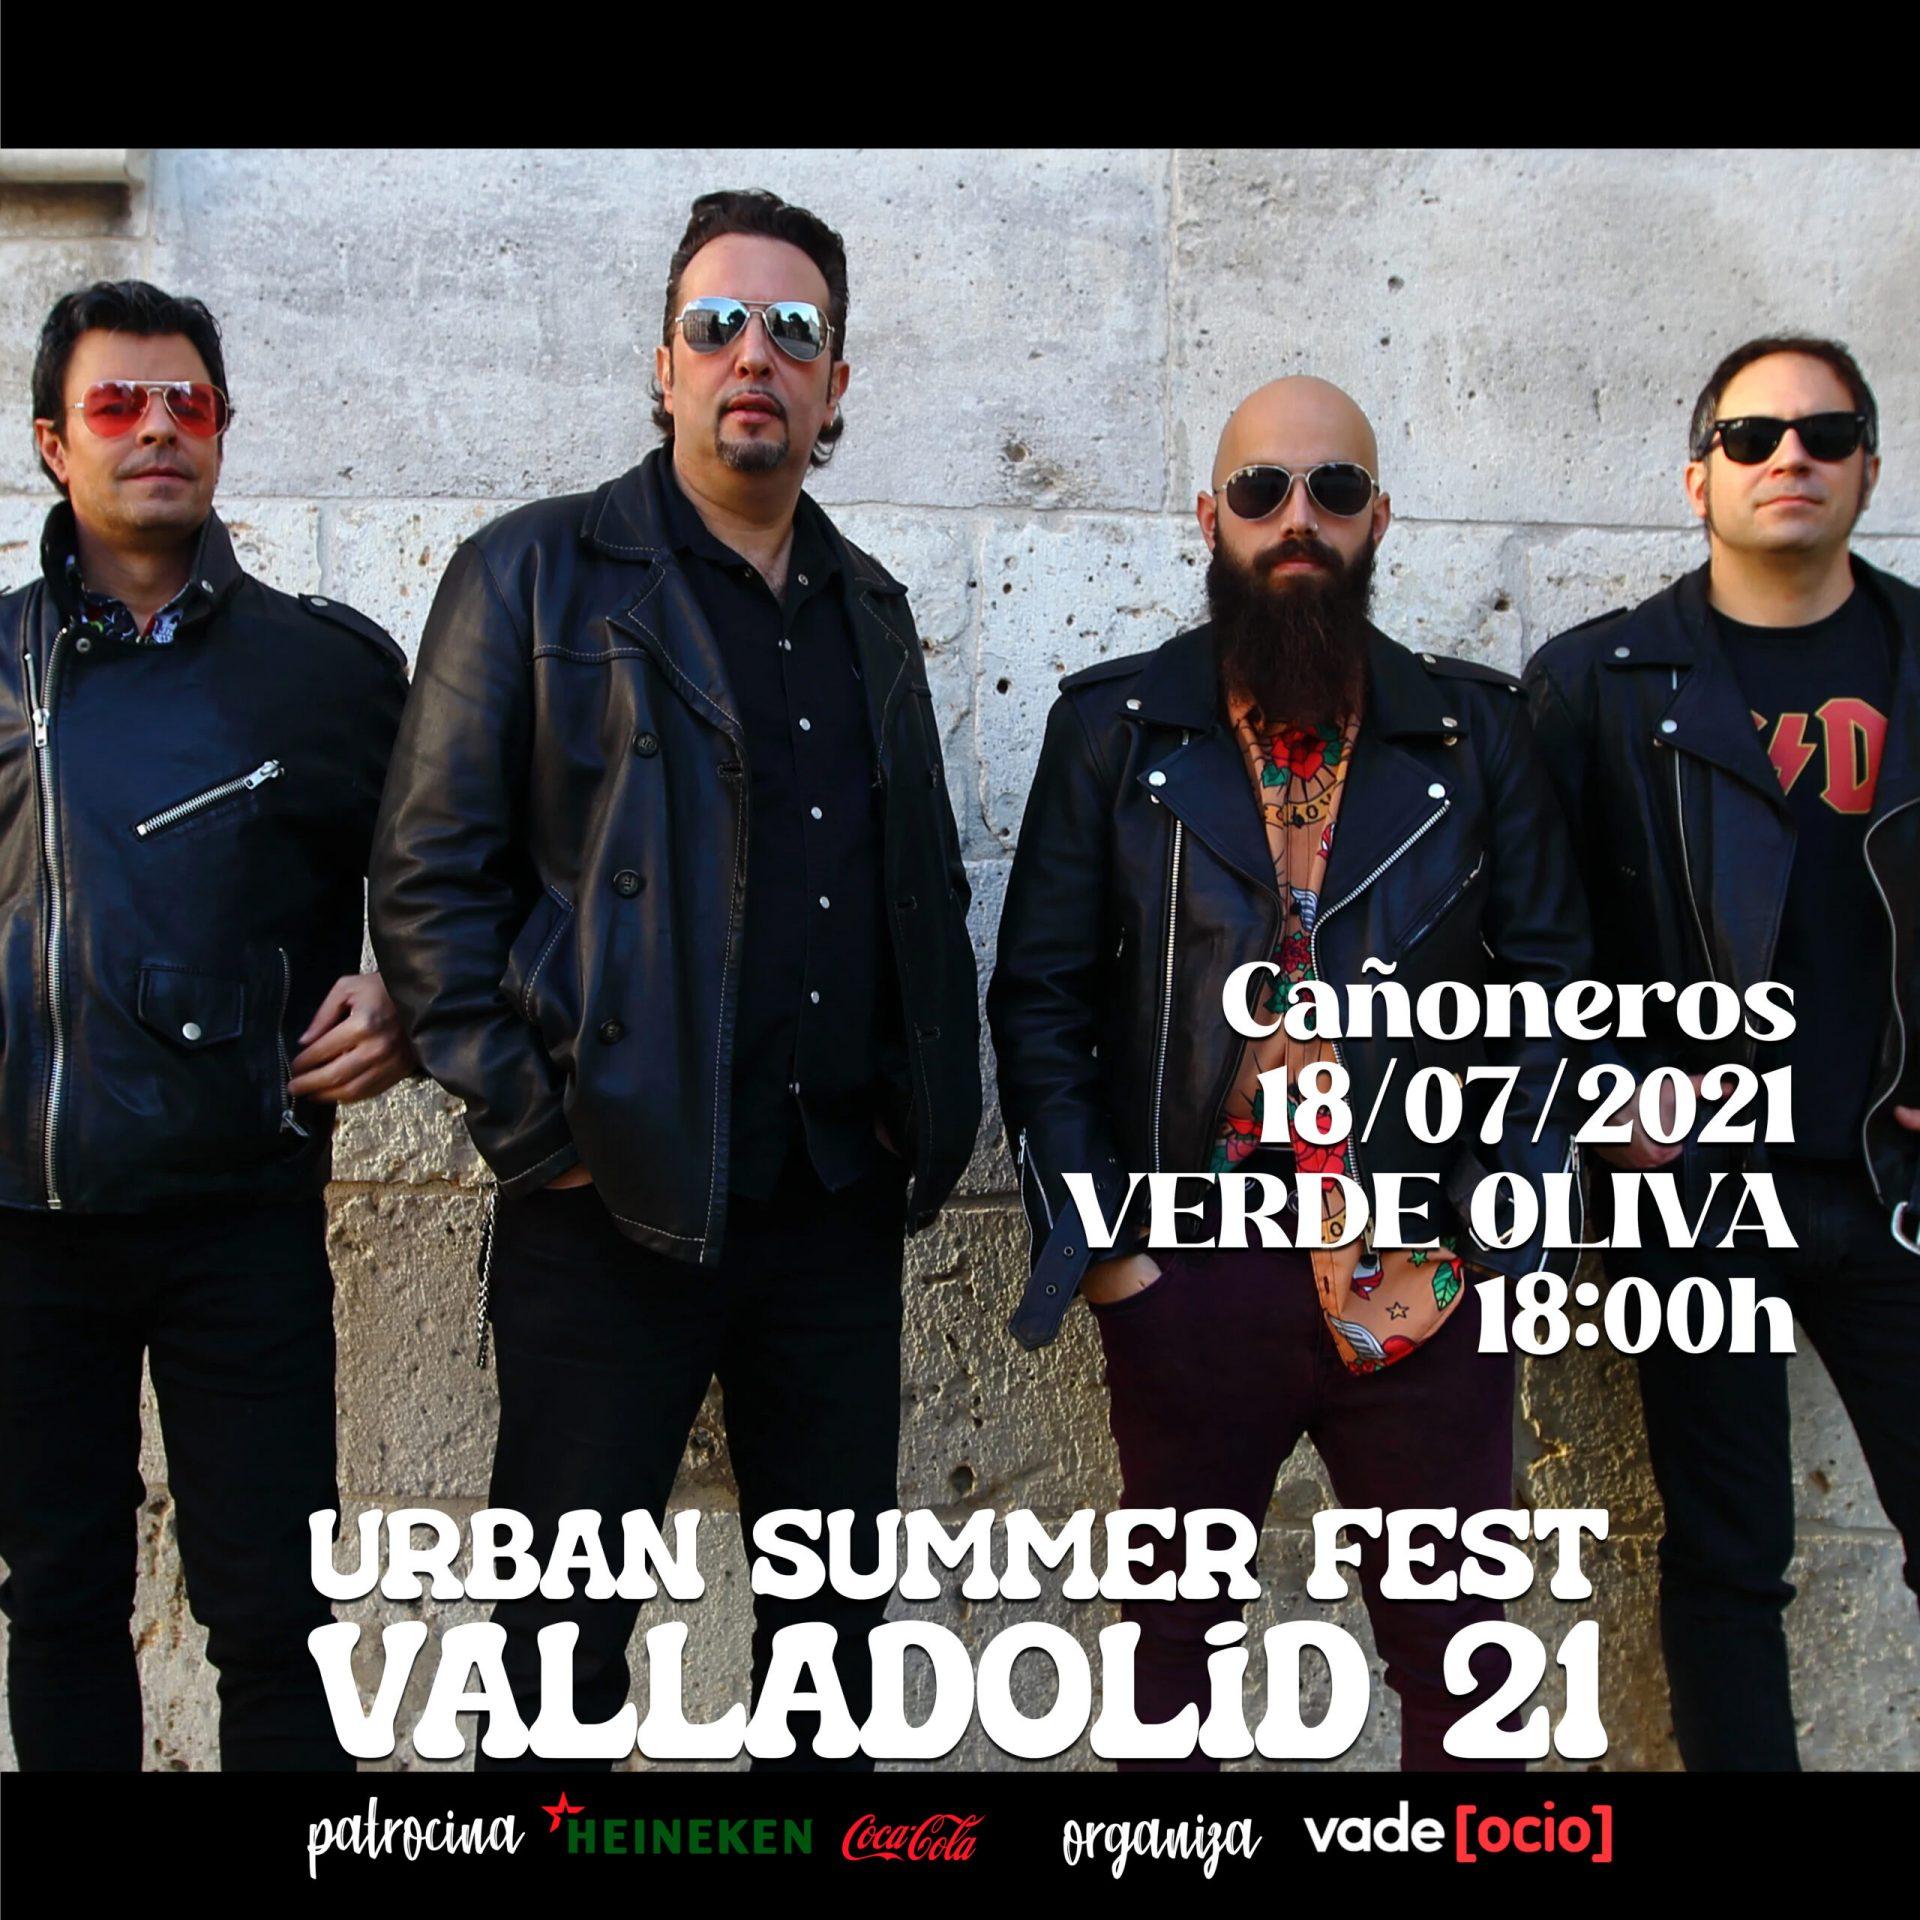 Concierto de Cañoneros #USFValladolid21